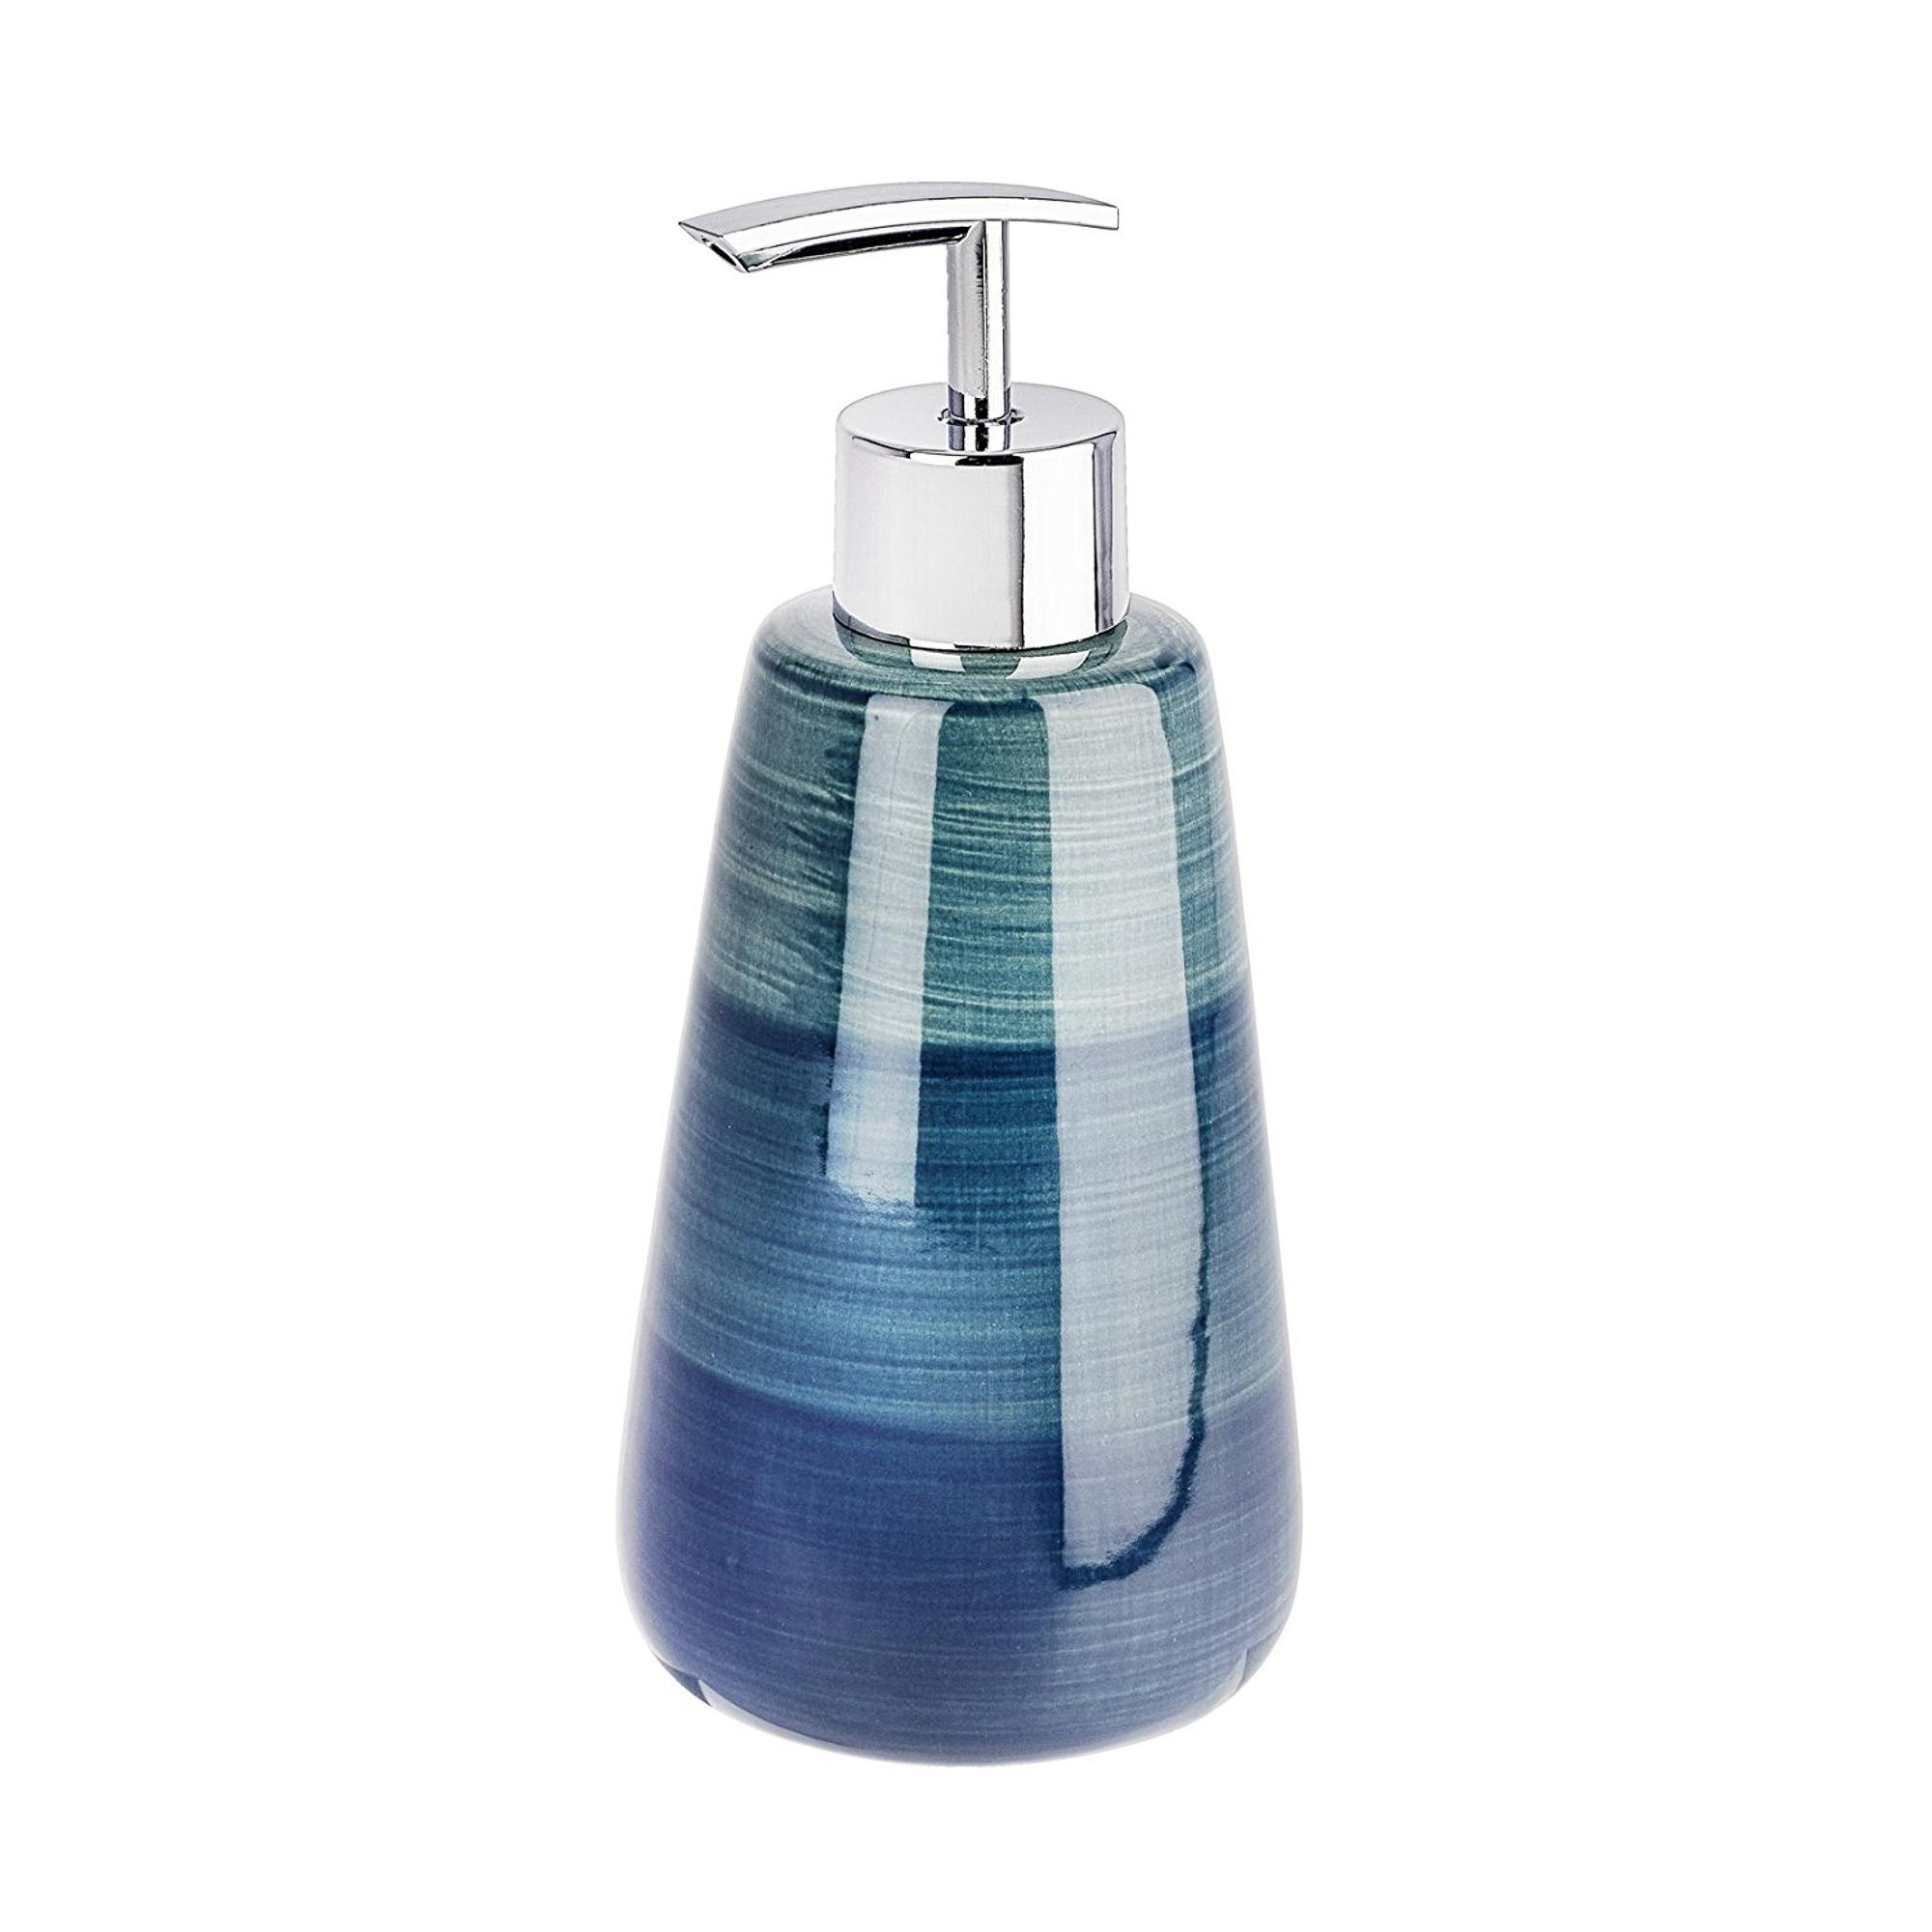 Дозатор для мыла Wenko Pottery petrol дозатор для мыла wenko sanitary goa бежевый